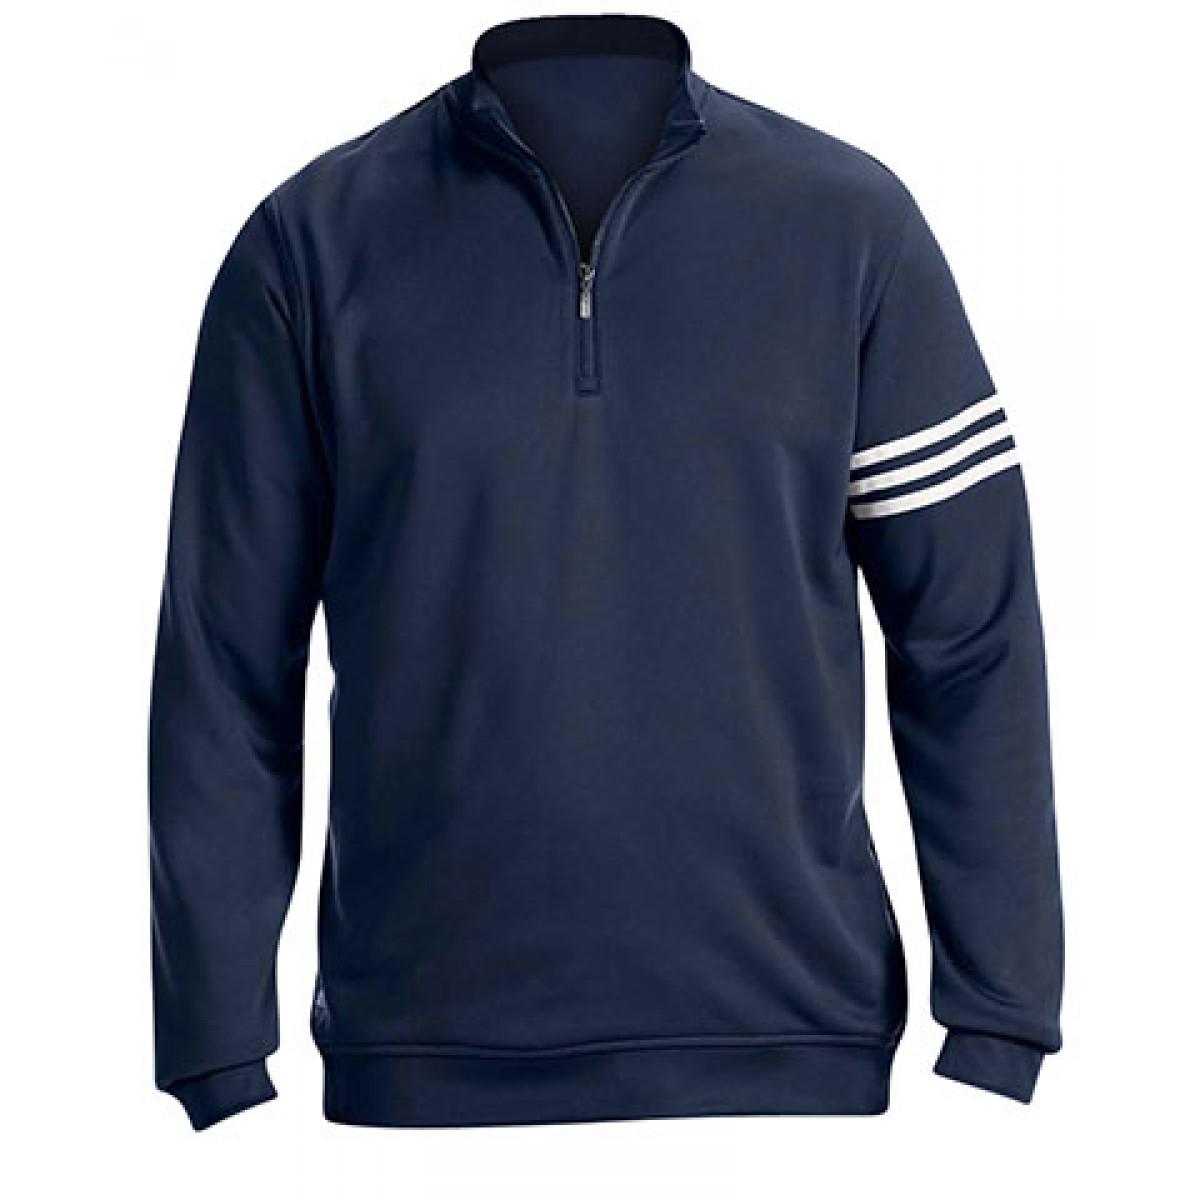 Adidas Men's 3-Stripes Pullover-Navy-S